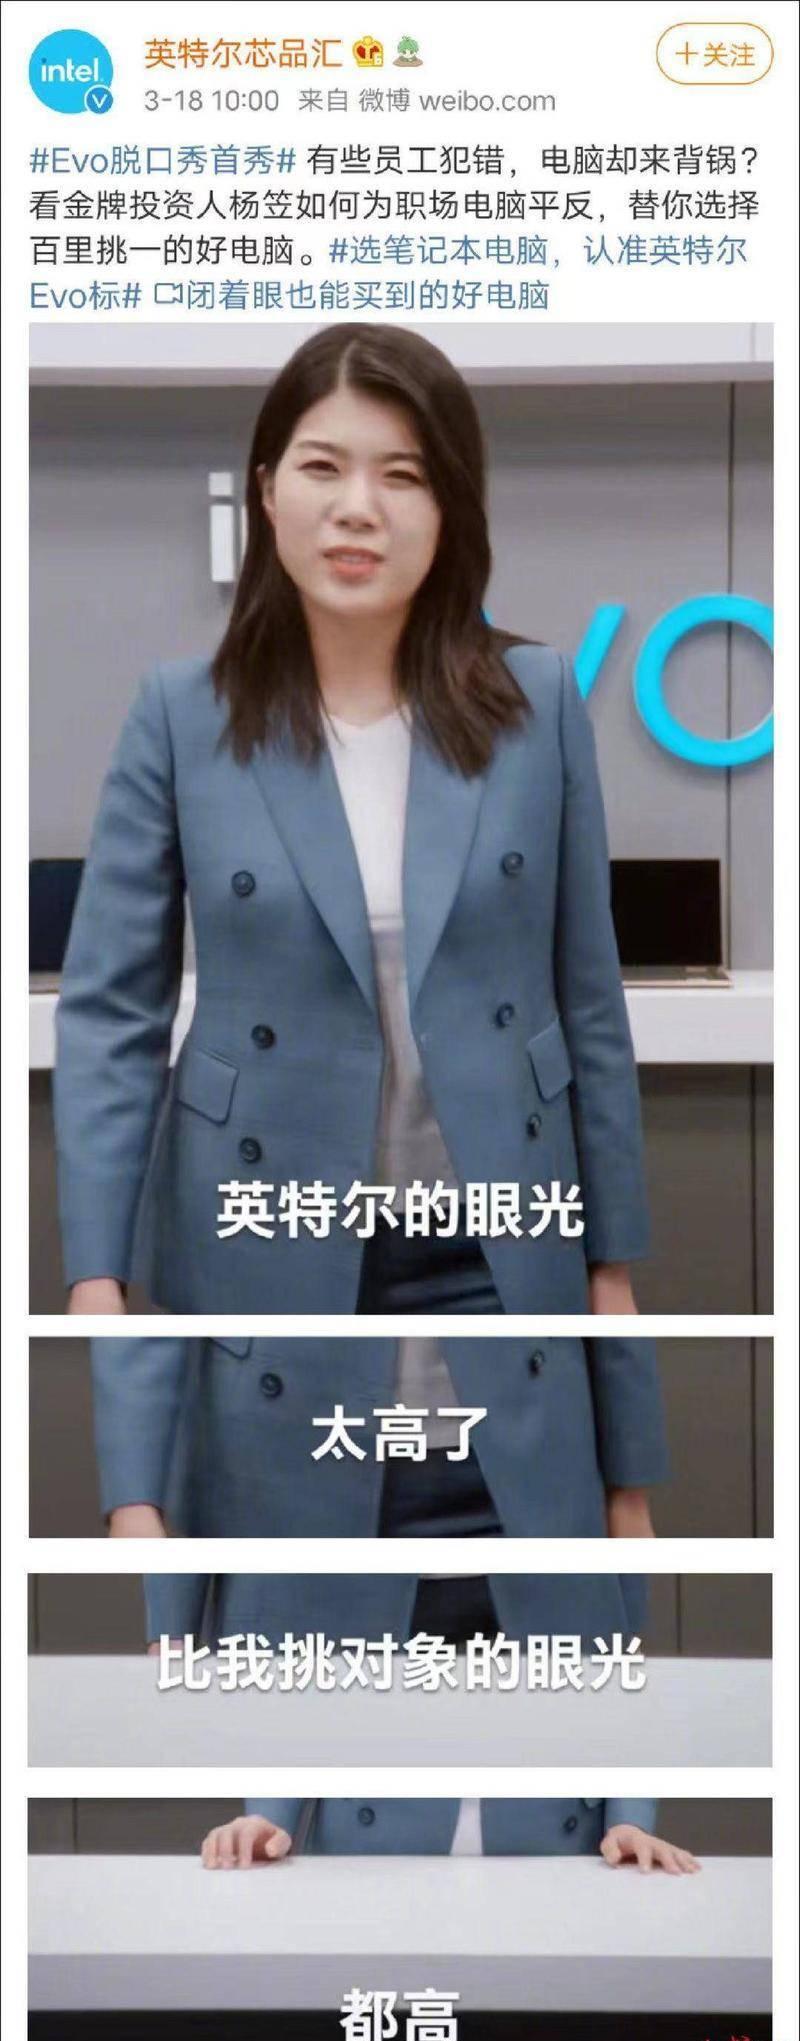 杨笠的英特尔广告截图